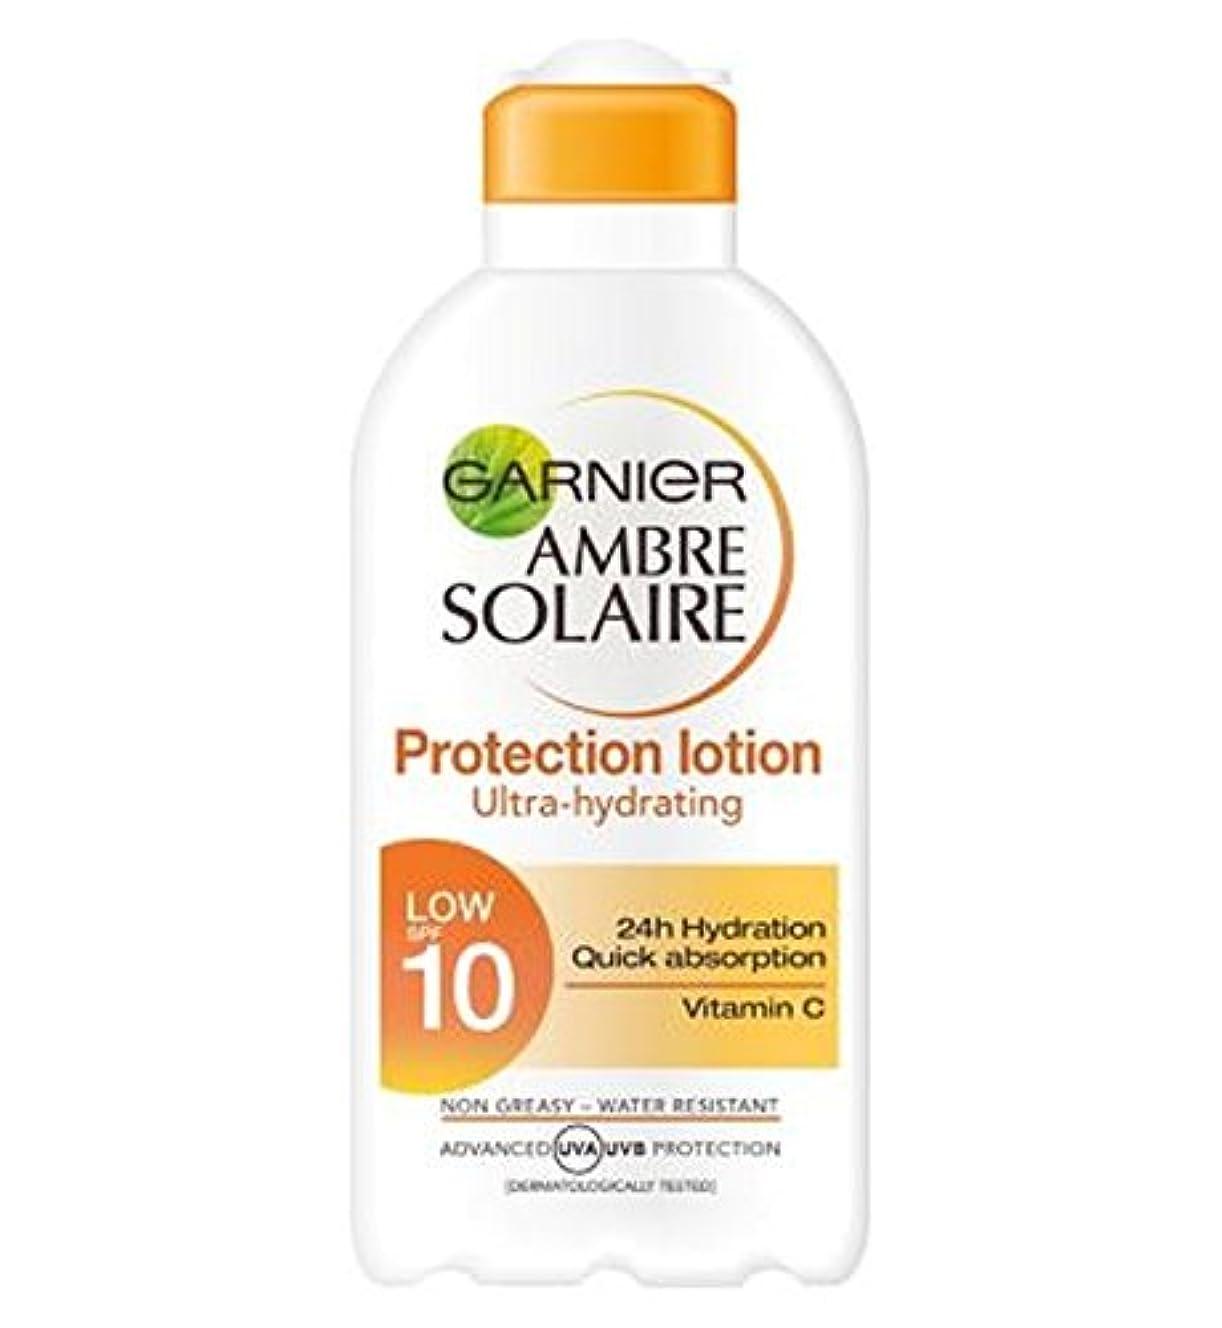 悩むヤング反映するガルニエアンブレSolaire保護ローションSpf10の200ミリリットル (Garnier) (x2) - Garnier Ambre Solaire Protection Lotion SPF10 200ml (Pack...